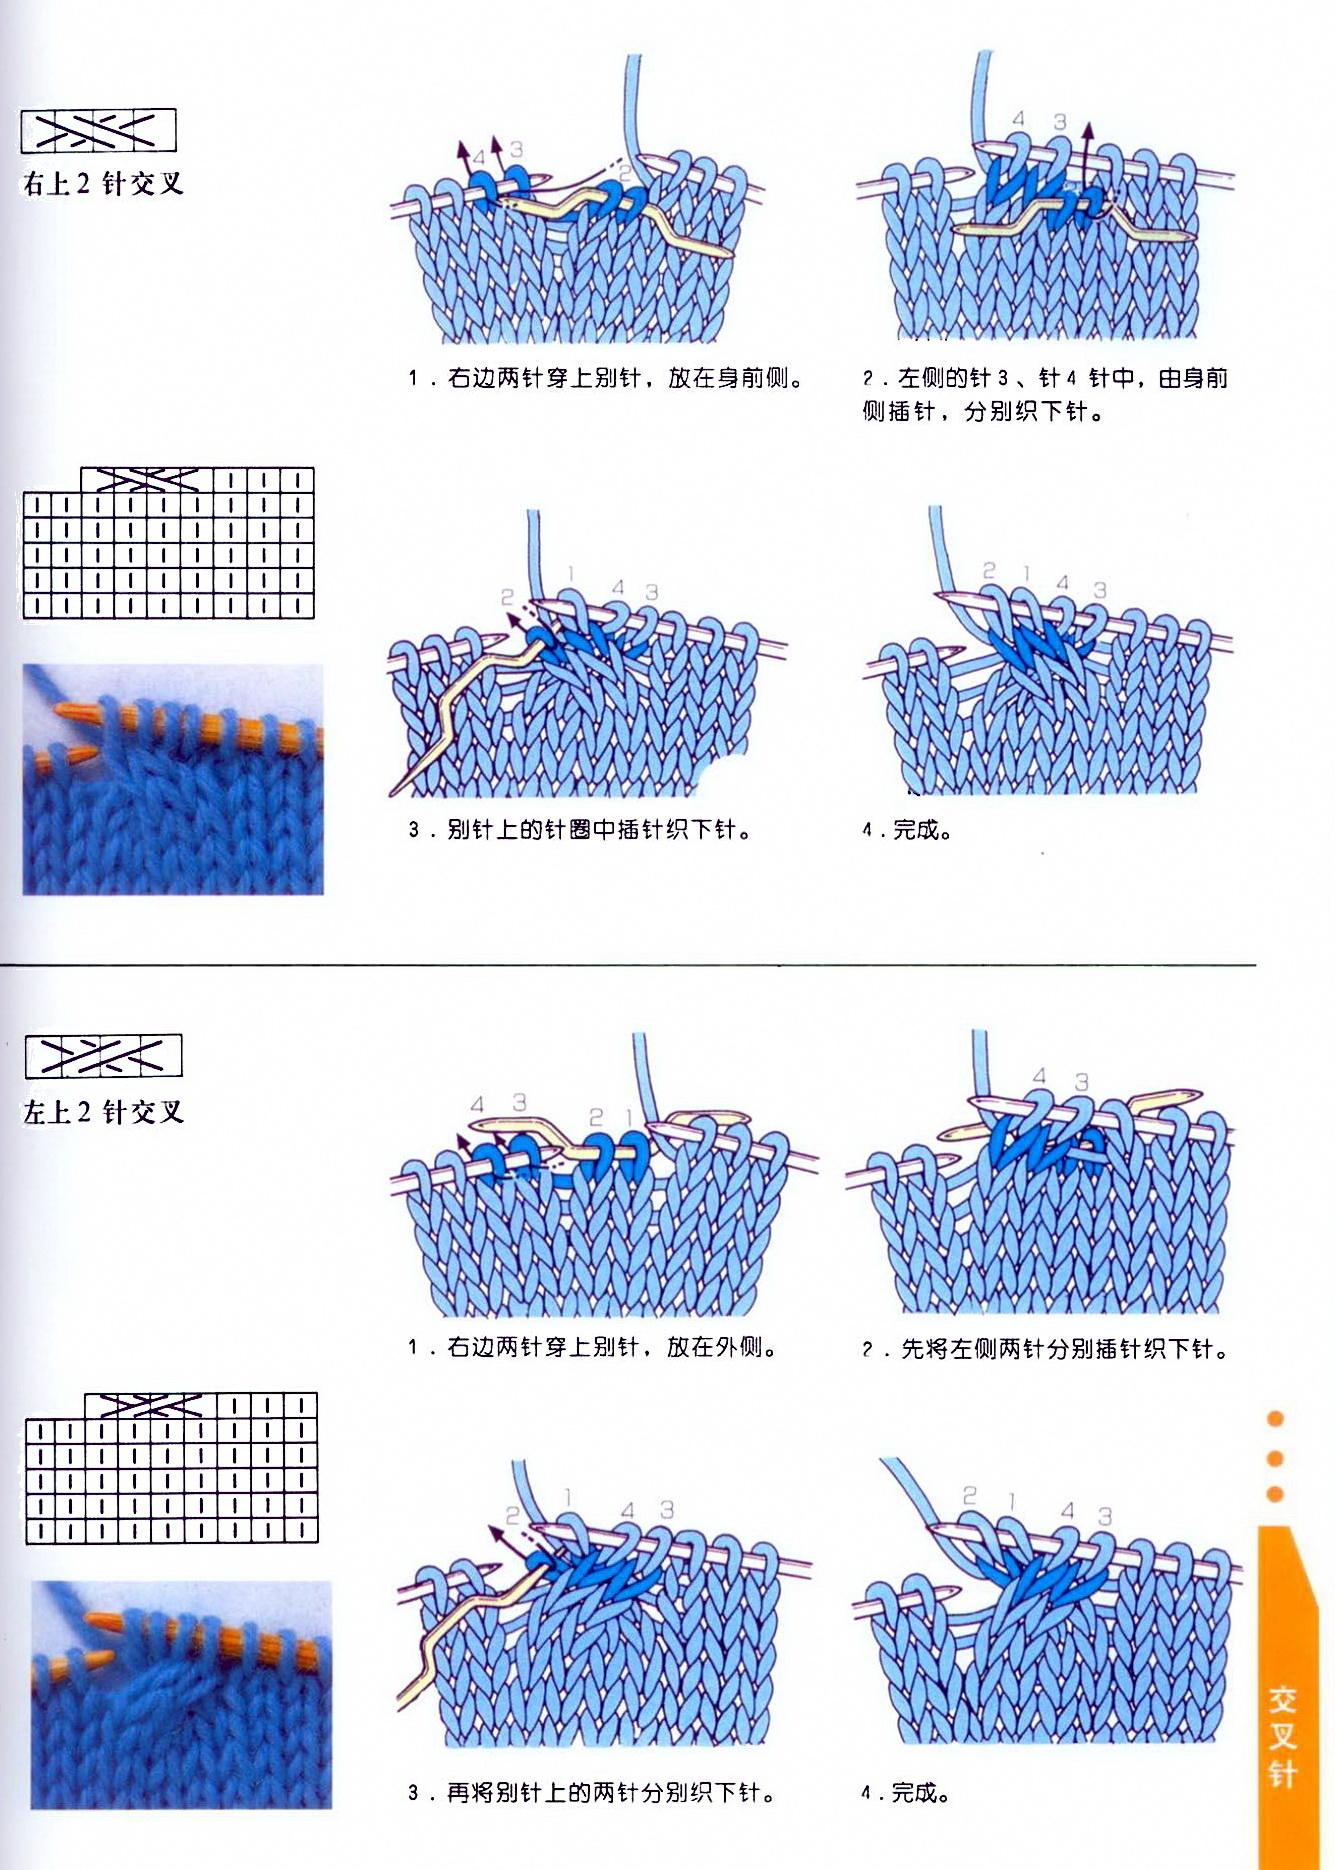 Как разобрать в схеме для вязания спицами